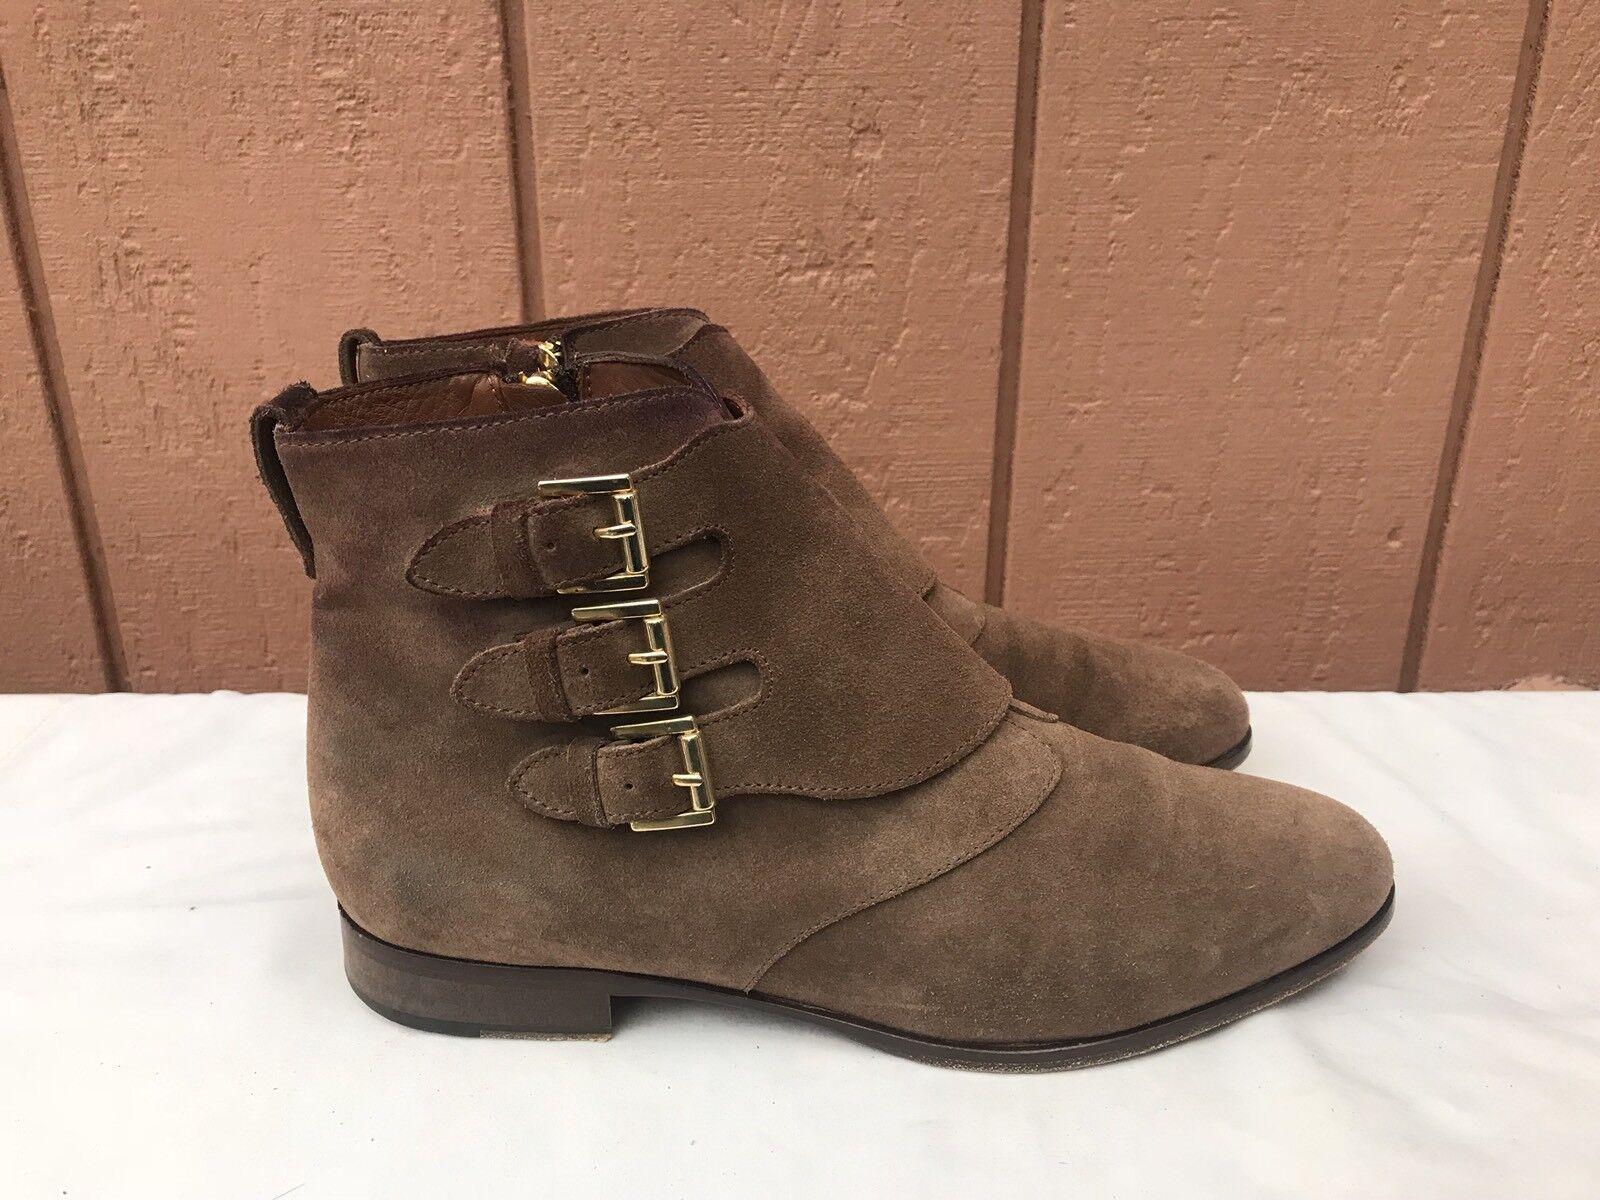 Usado en excelente estado Massimo Dutti Mujeres botas al Tobillo Zapatos Correas De Gamuza Marrón EE. UU. 9 - 9.5